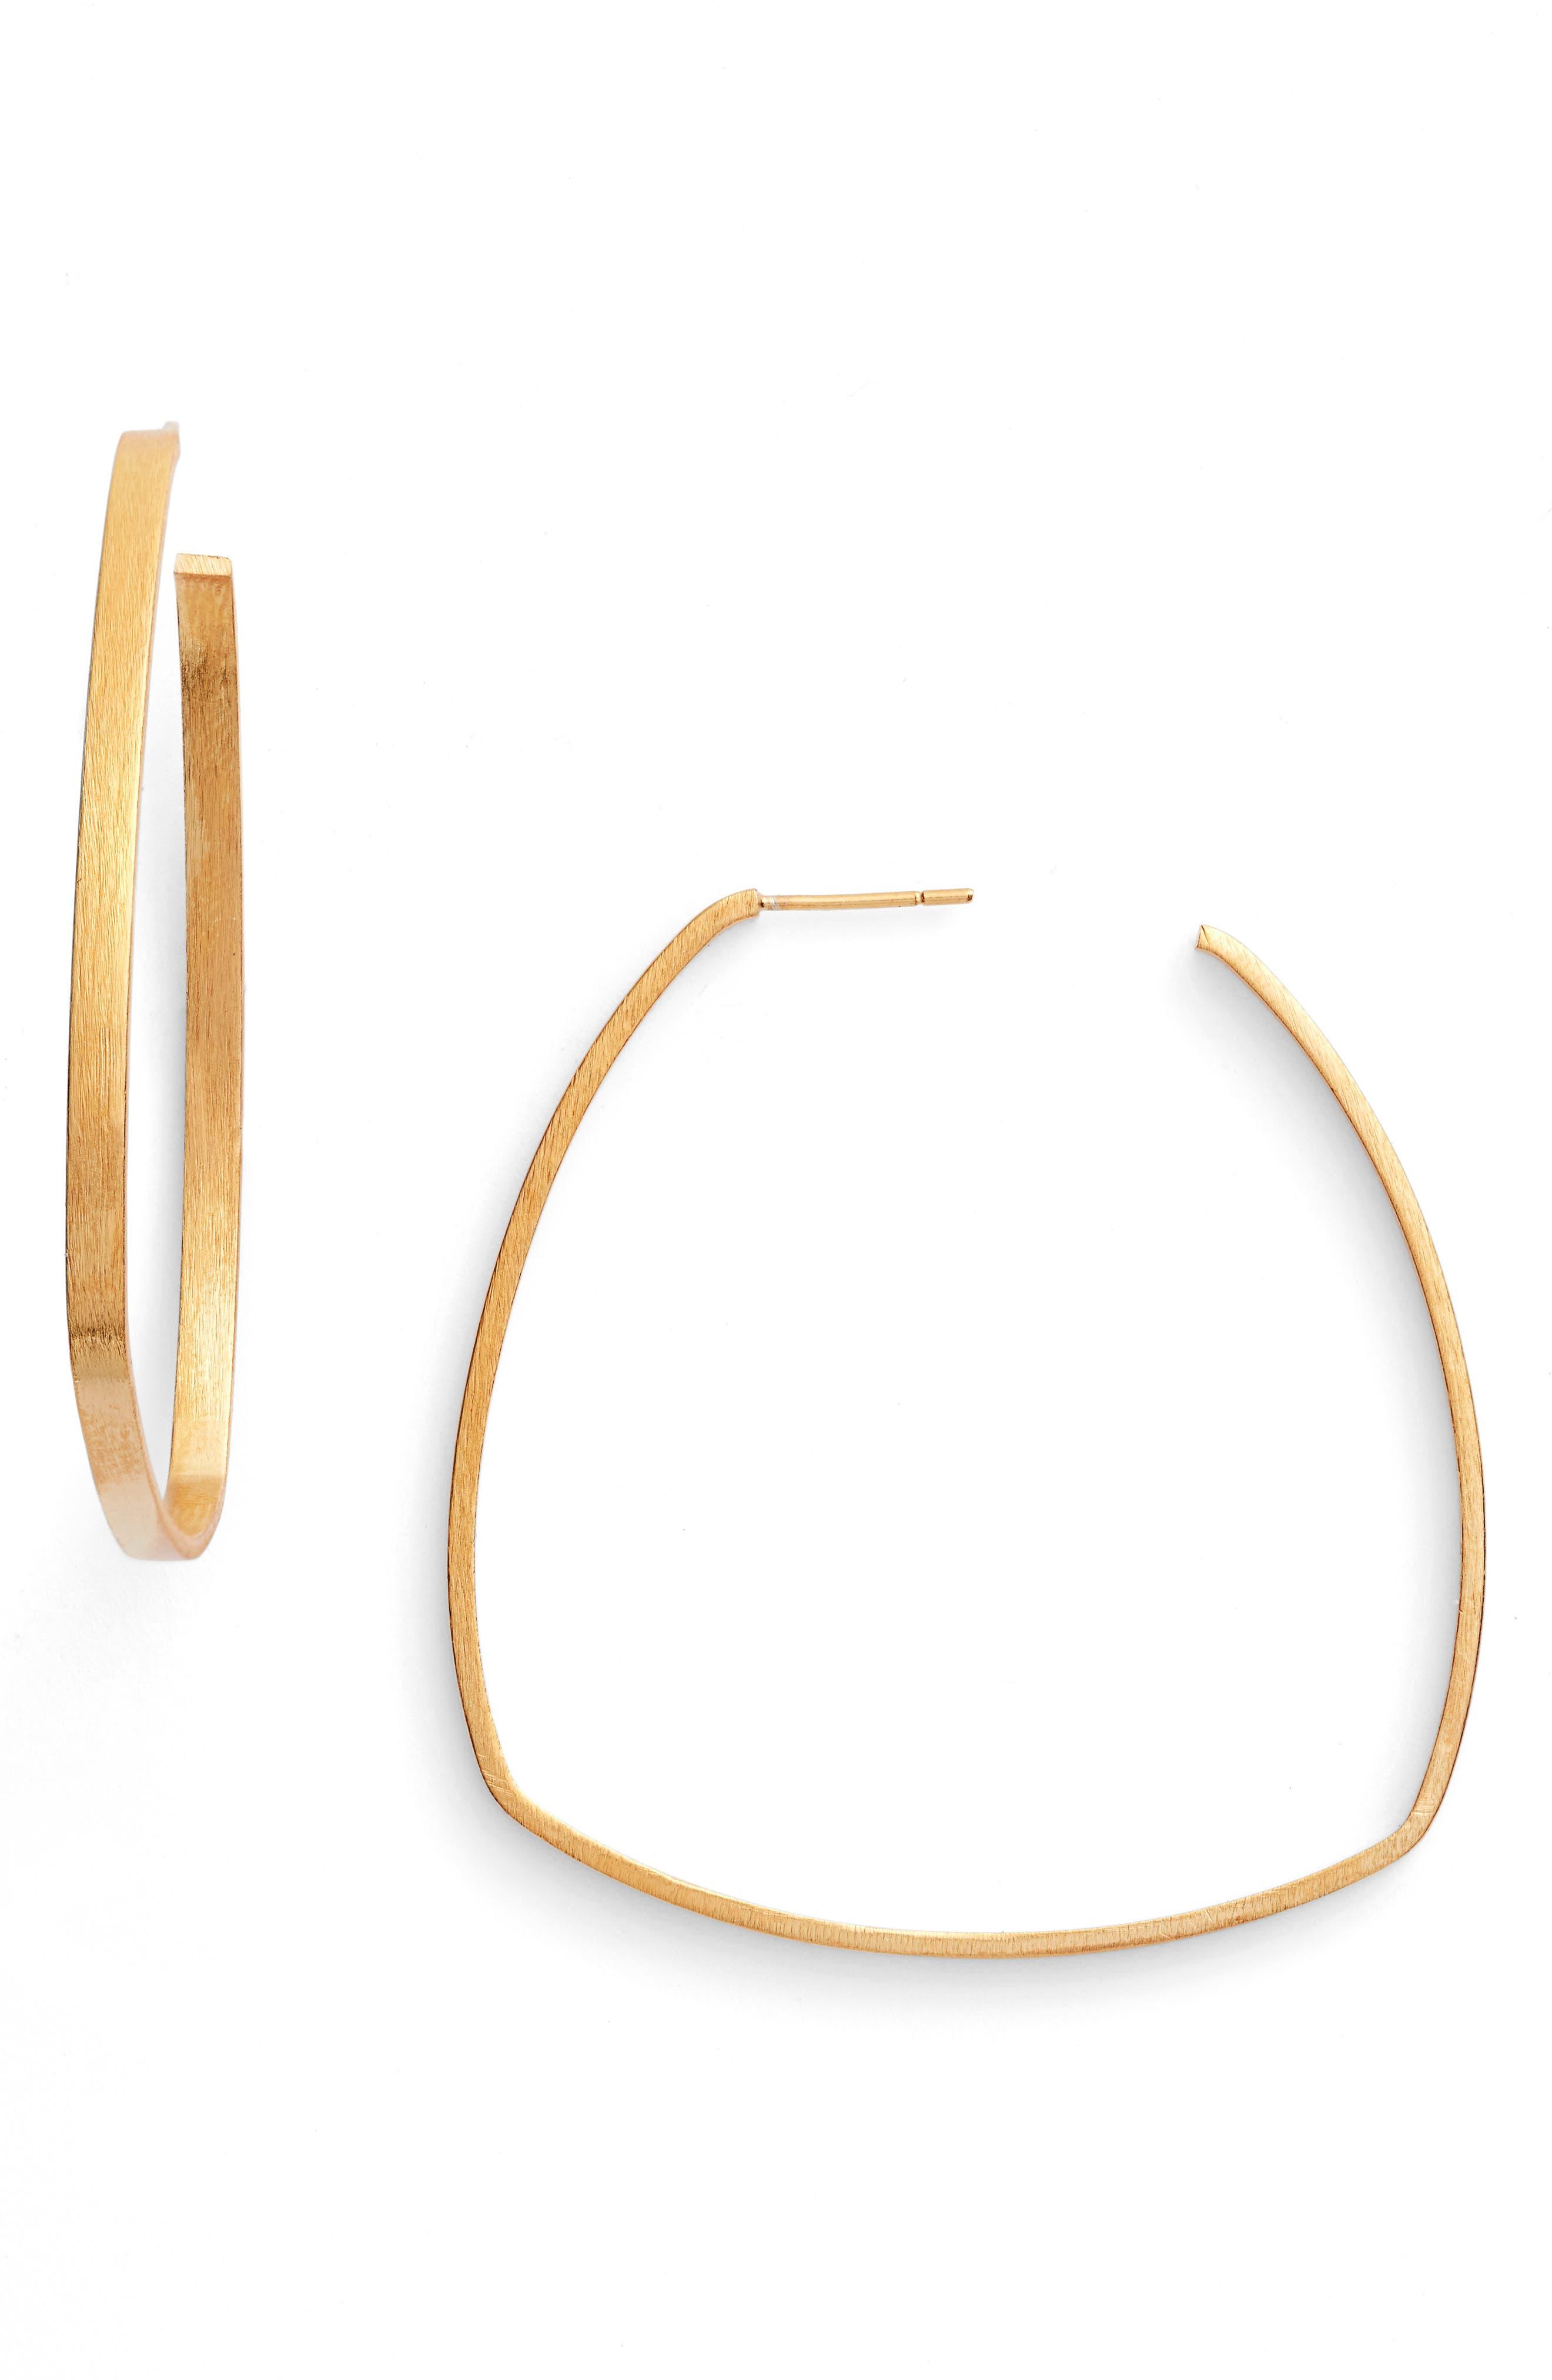 Alternate Image 1 Selected - Dean Davidson Square Hoop Earrings